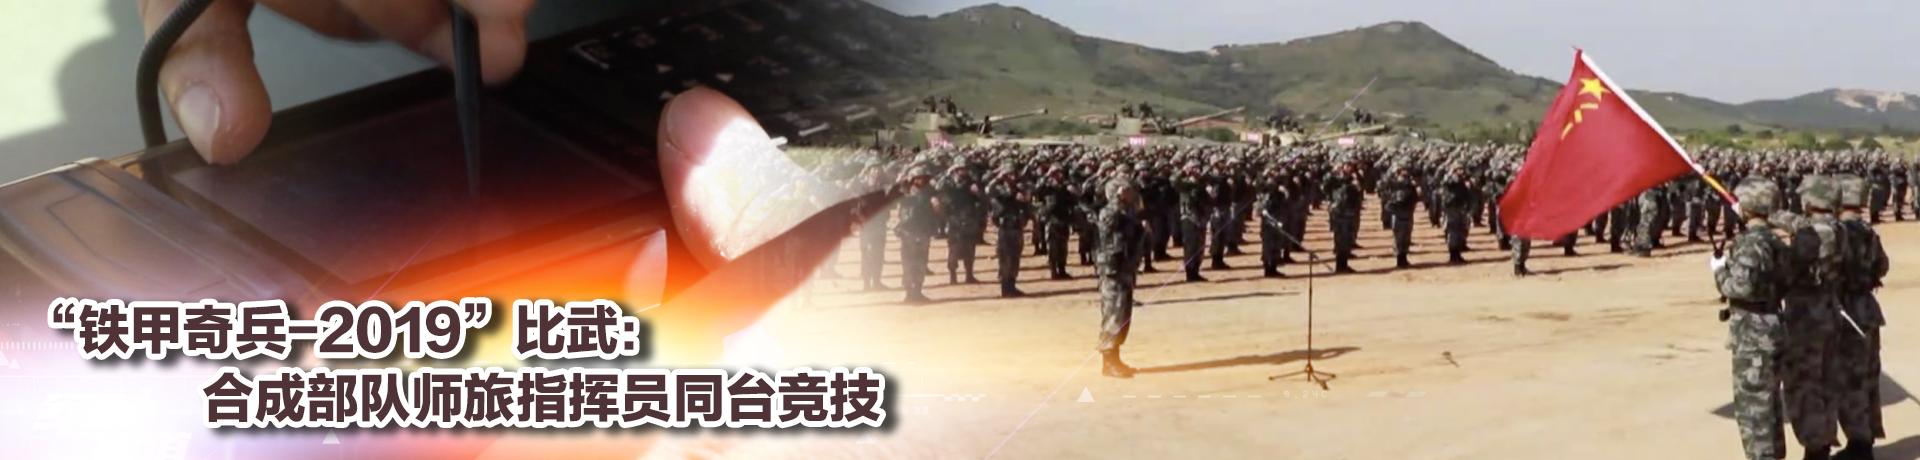 """陆军""""铁甲奇兵-2019""""比武:合成部队师旅指挥员同台竞技"""